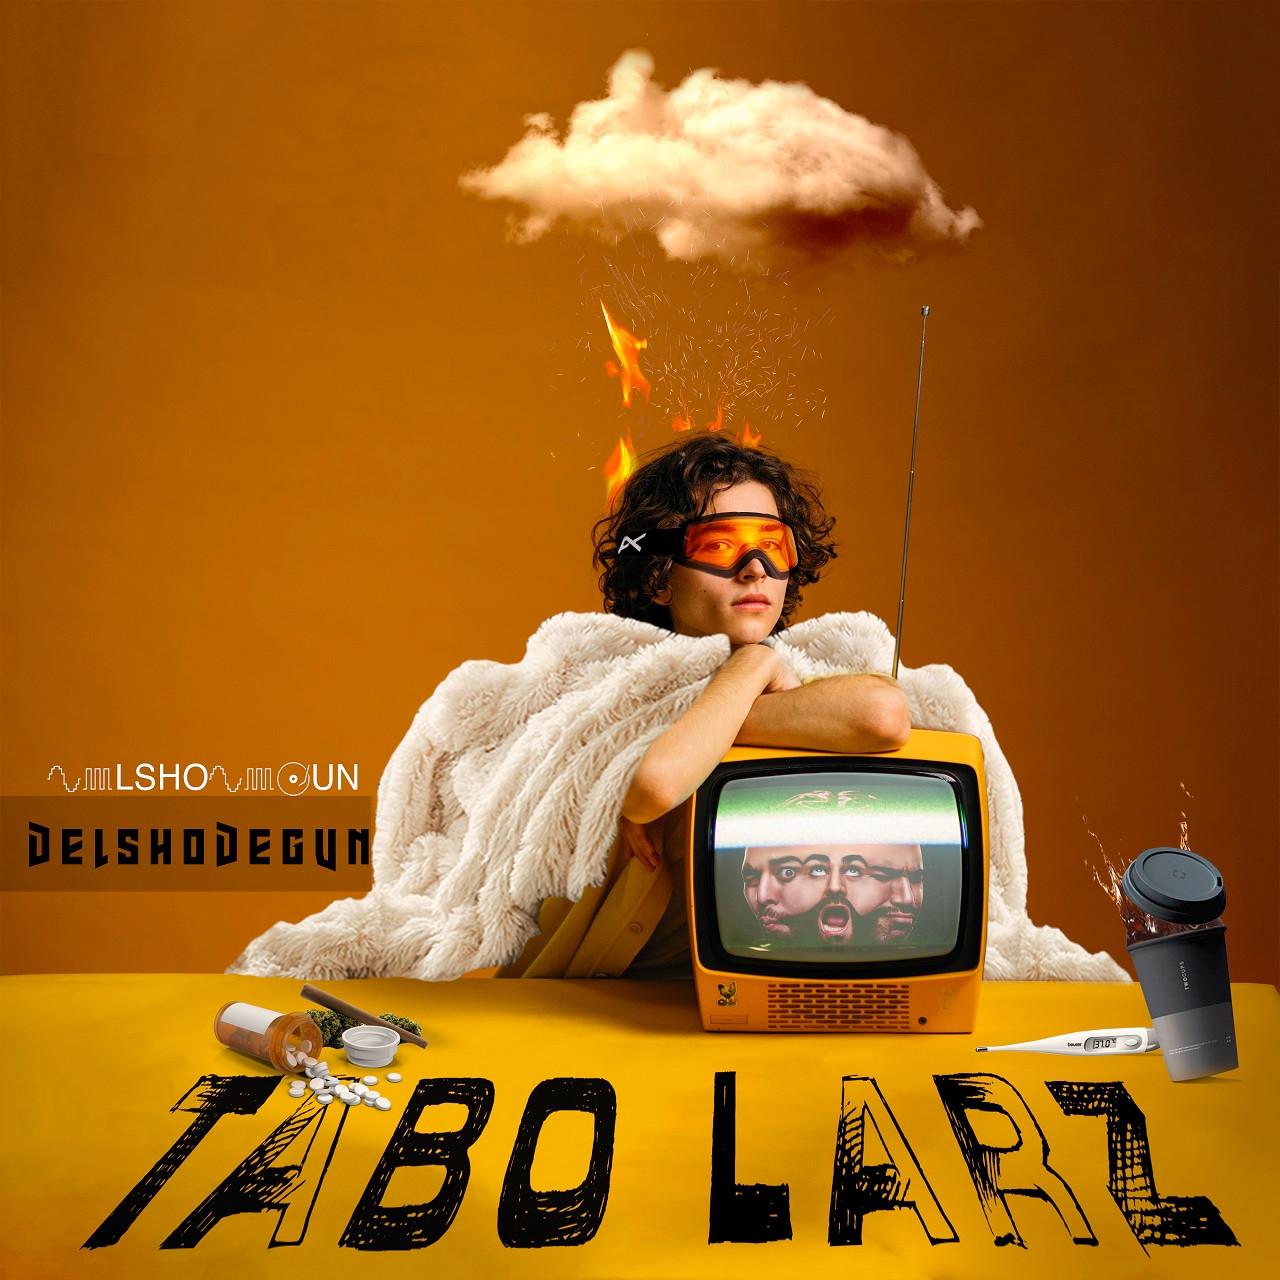 Delshodegun - Tabolarz